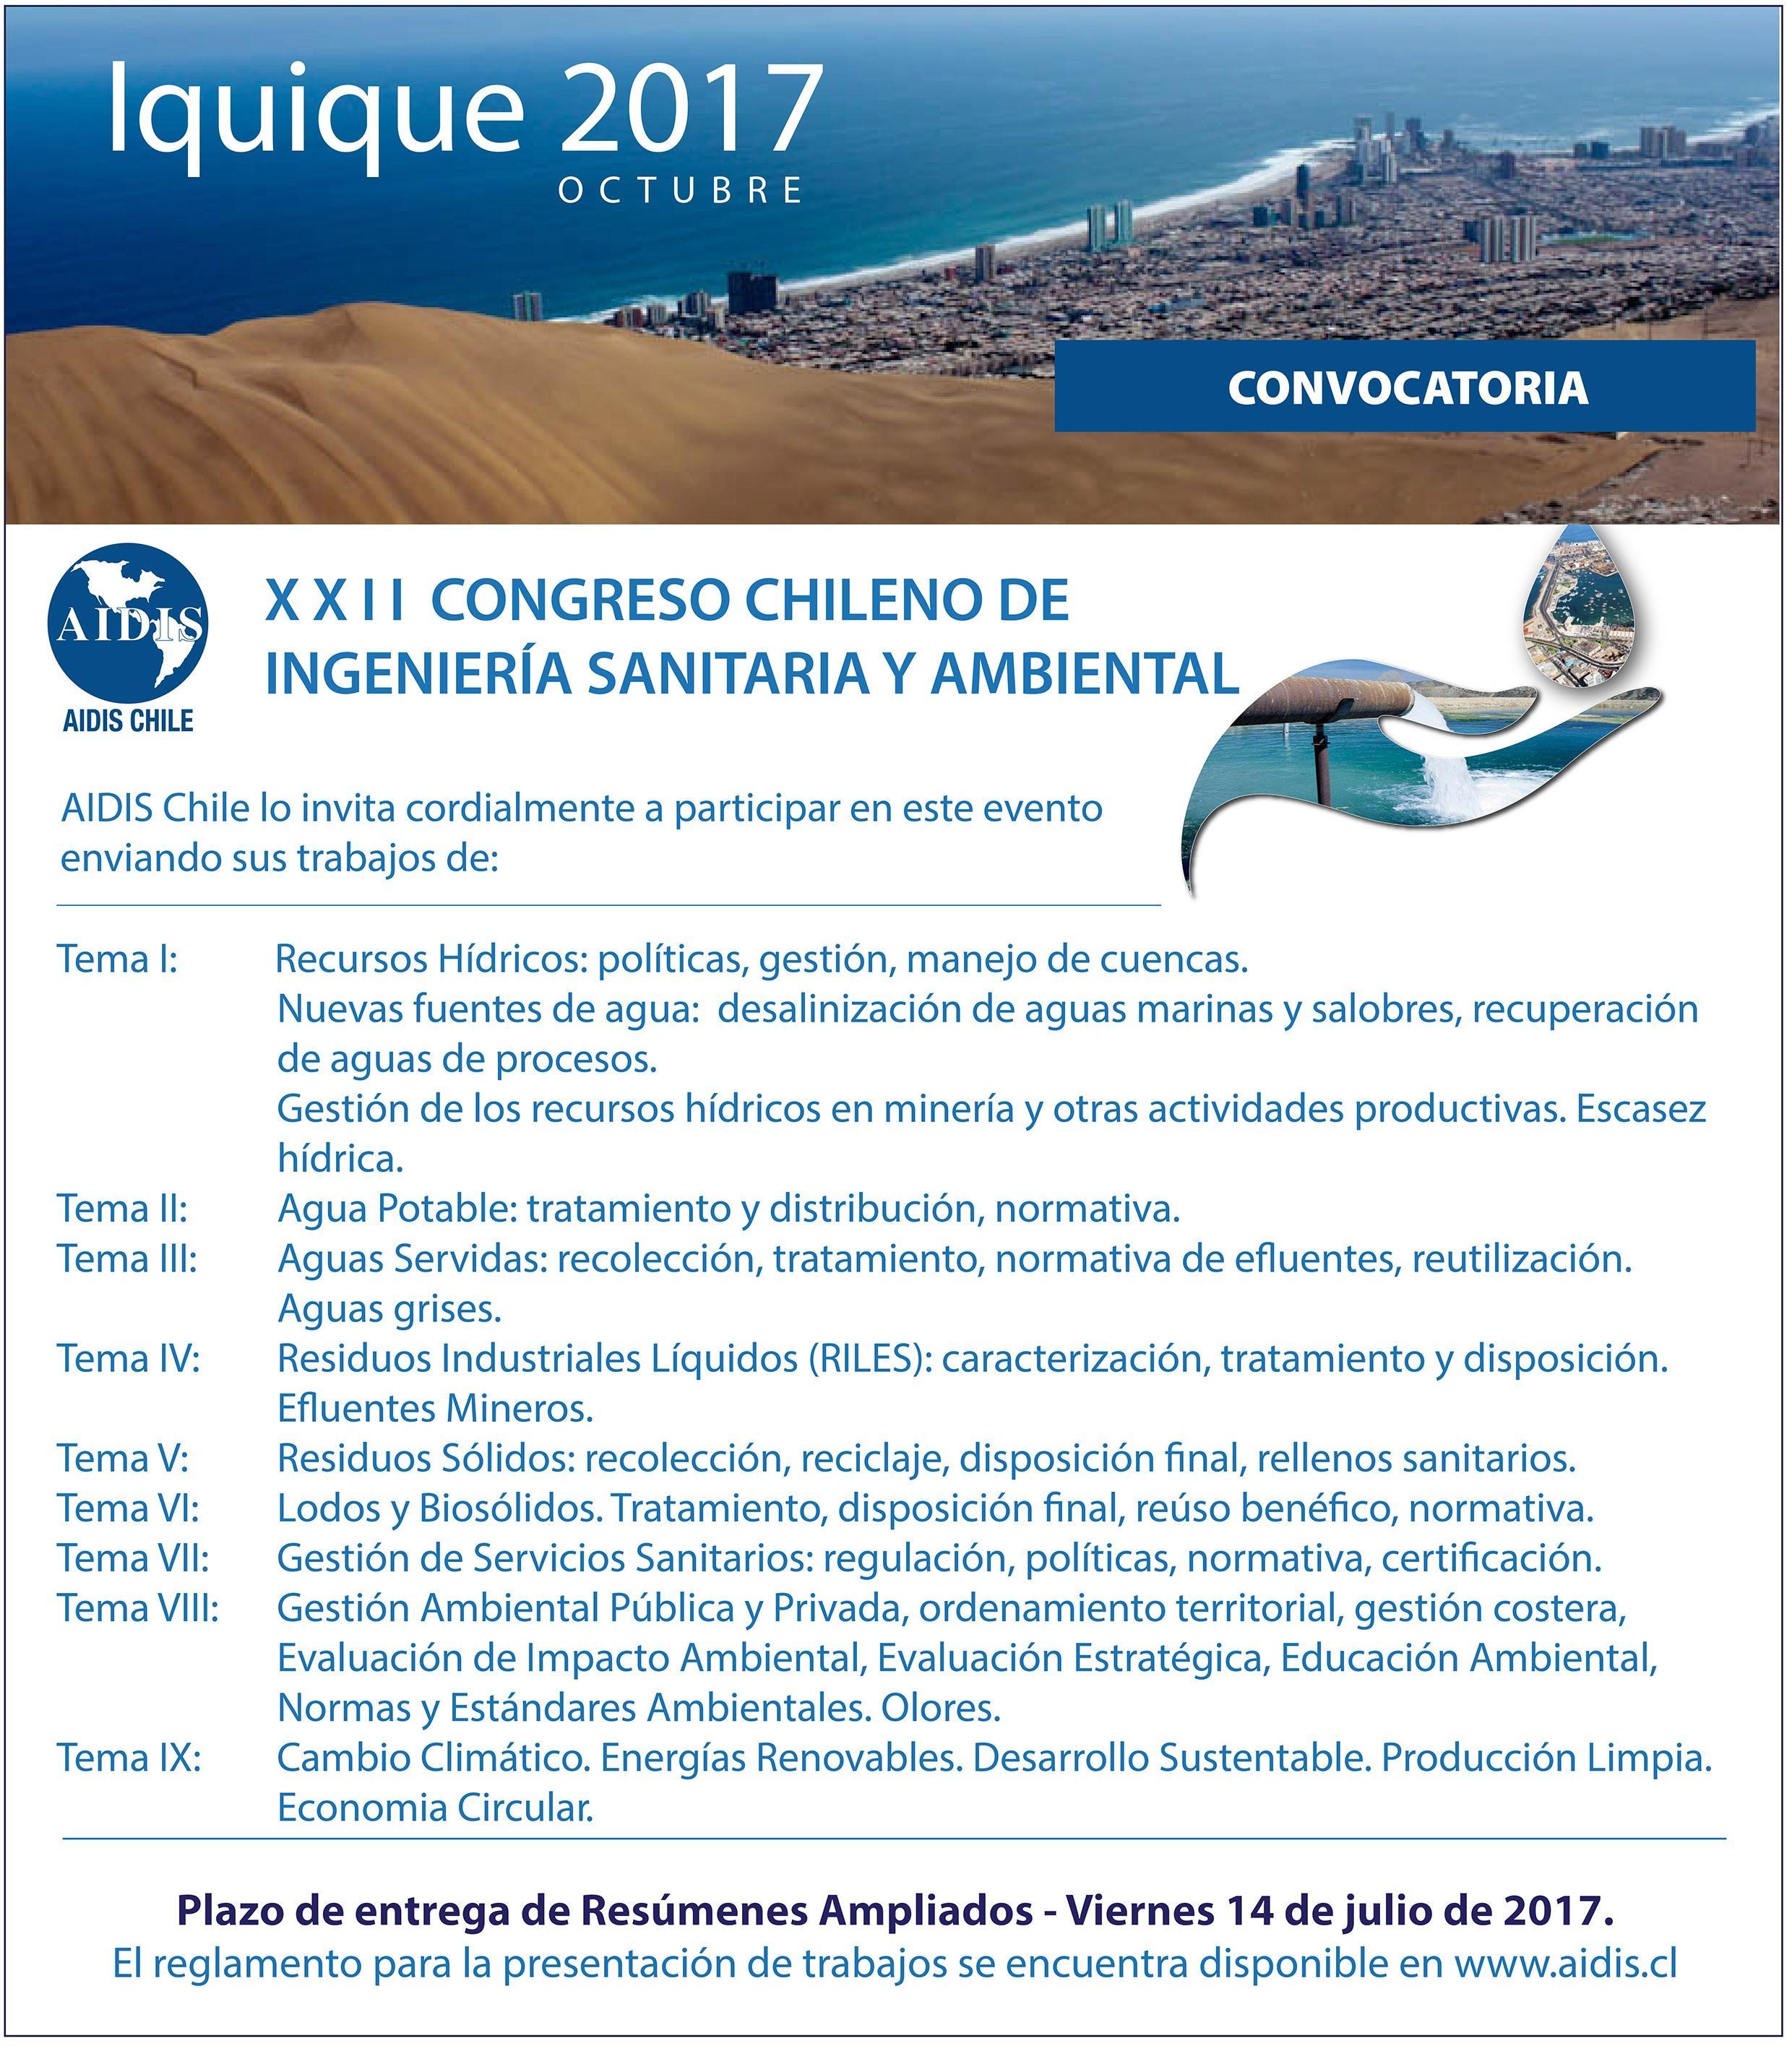 Convocatoria Congreso 2017